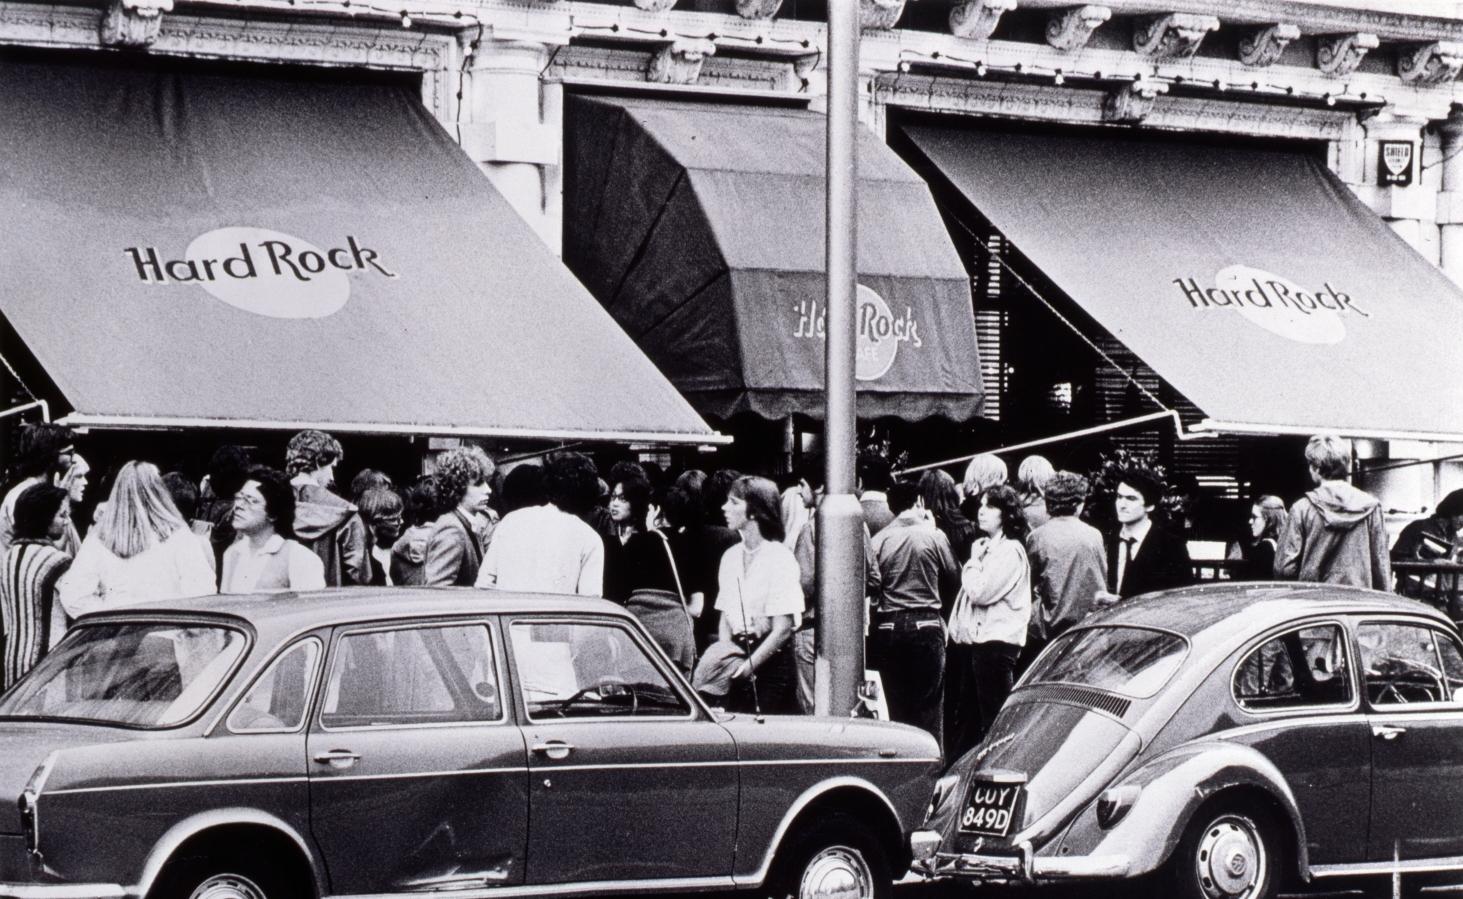 Hard Rock Cafe London pada 1970-an. Foto milik Hard Rock Cafe